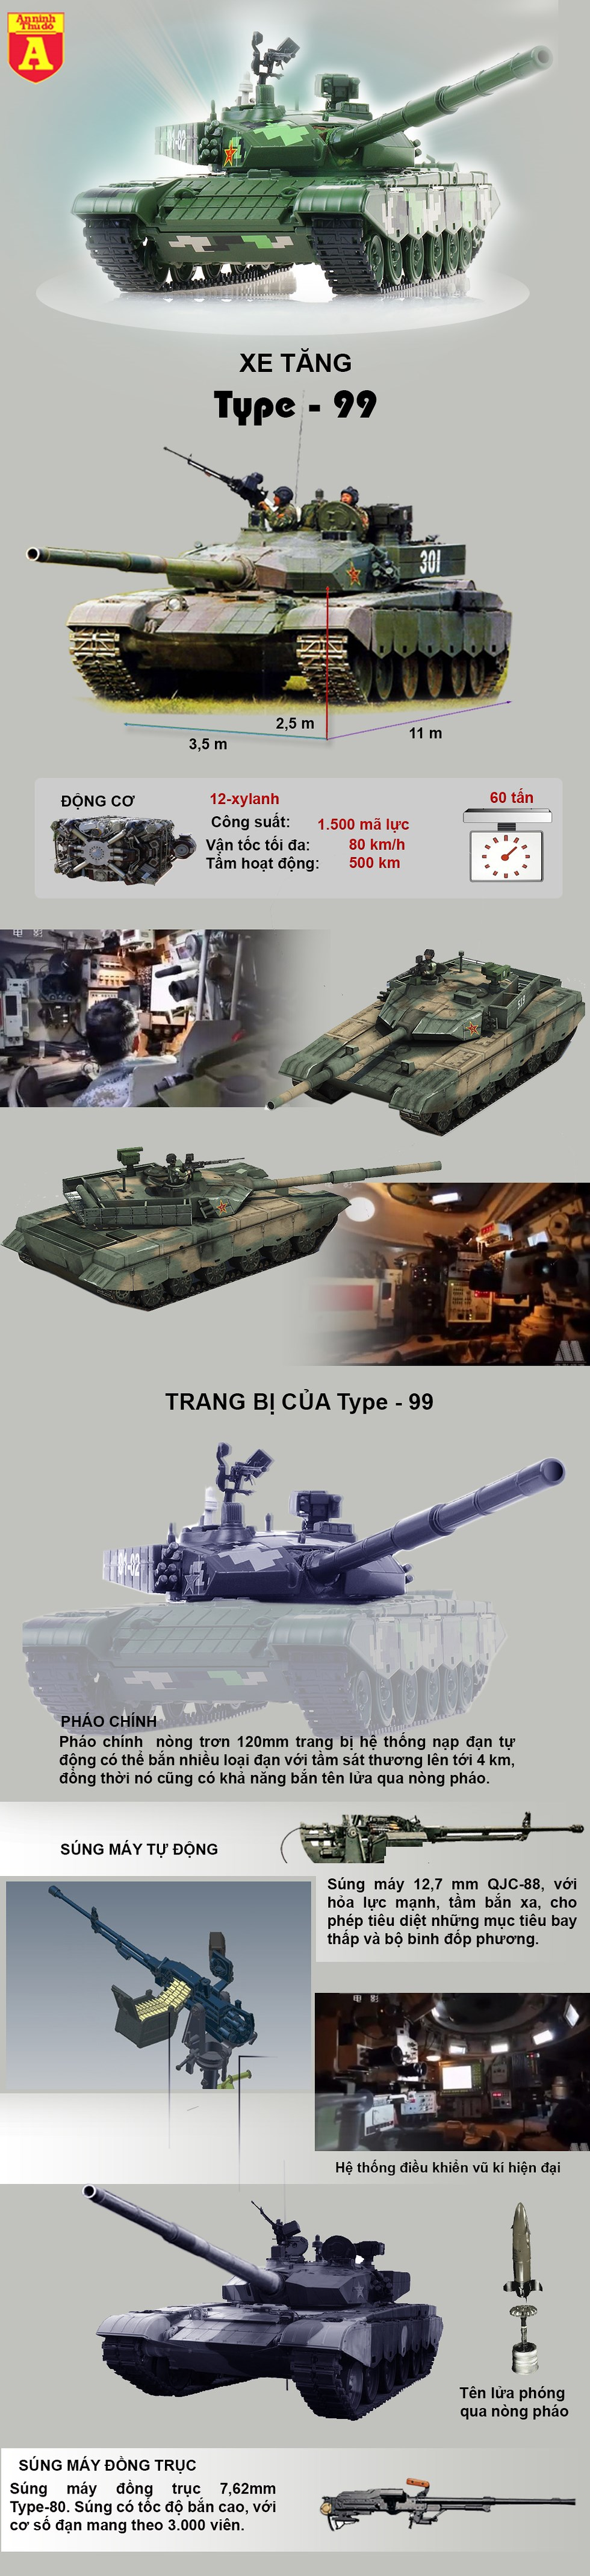 [Infographics] Siêu tăng Type 99 của Trung Quốc chỉ là hổ giấy và sự thừa nhận cay đắng? - Ảnh 1